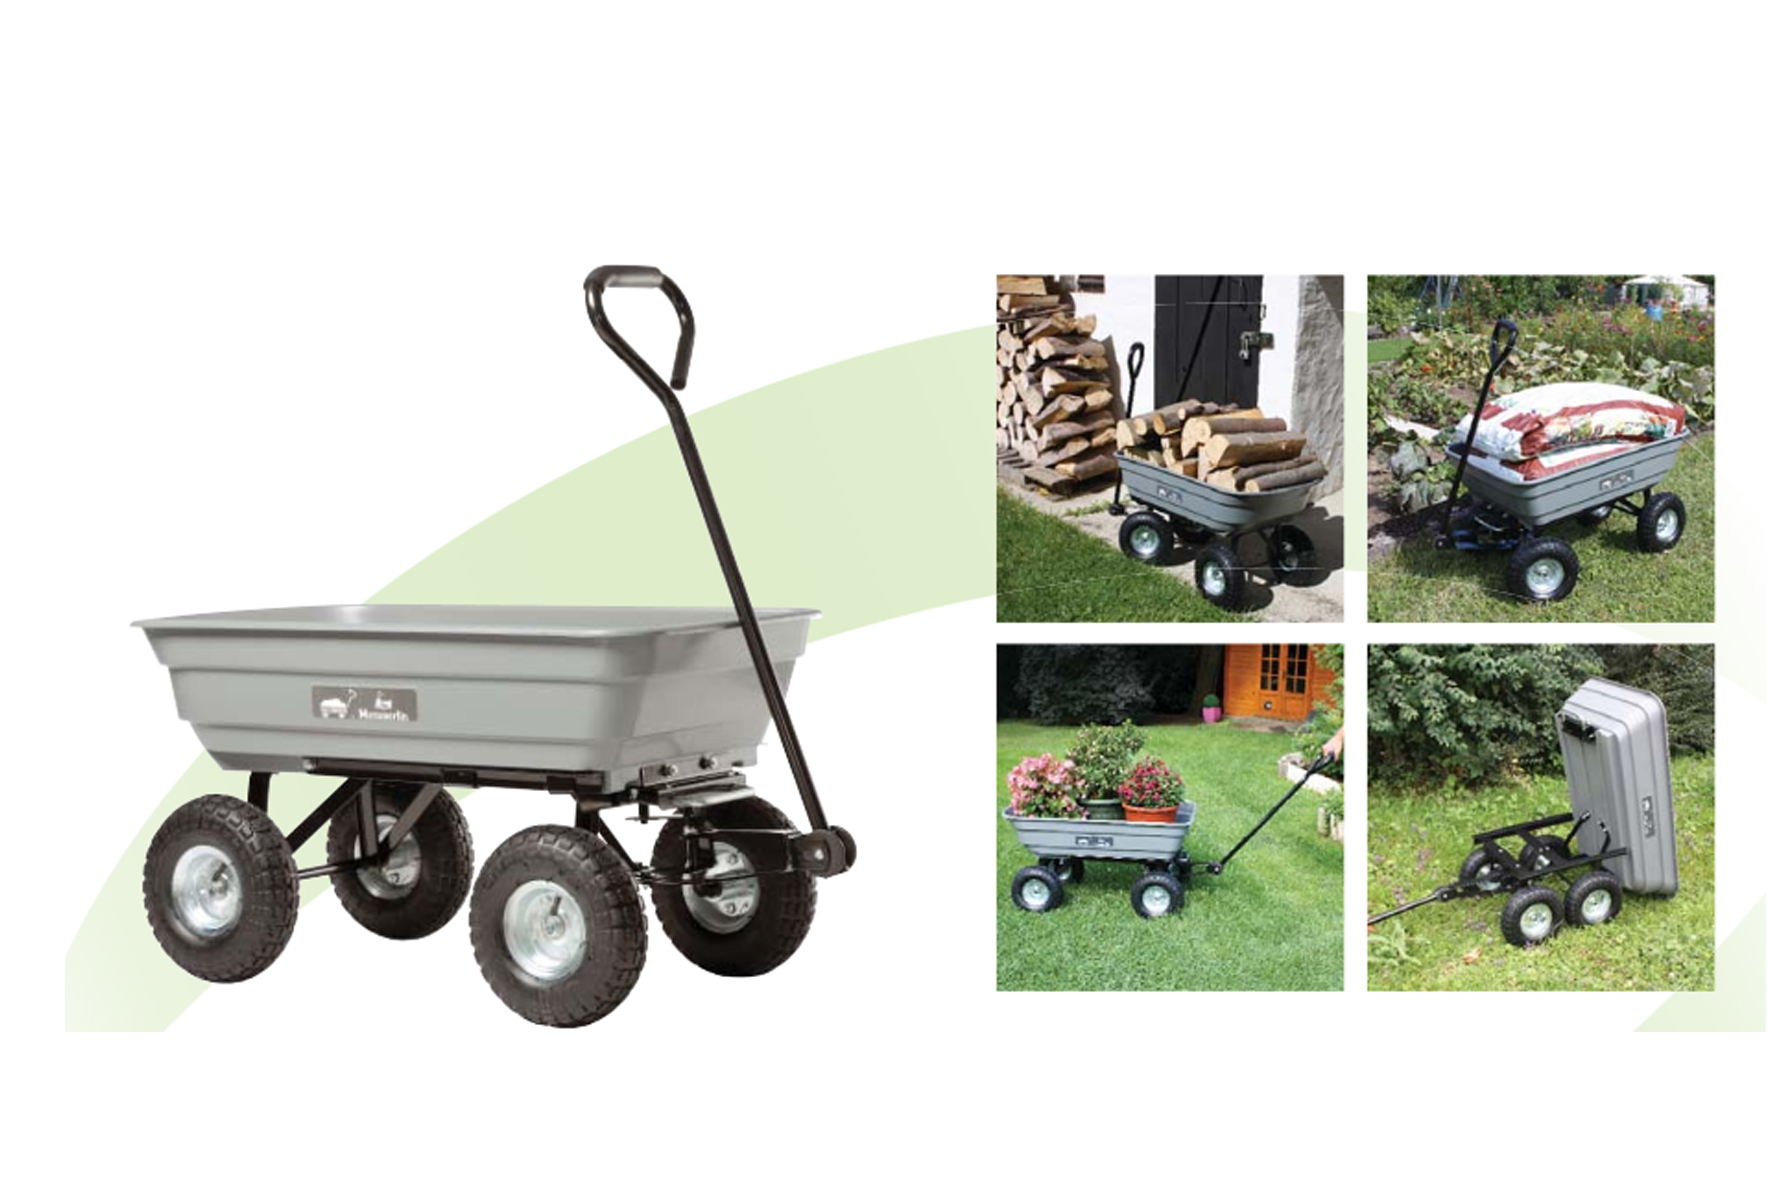 chariot de jardin haemmerlin achat en ligne ou dans notre magasin. Black Bedroom Furniture Sets. Home Design Ideas